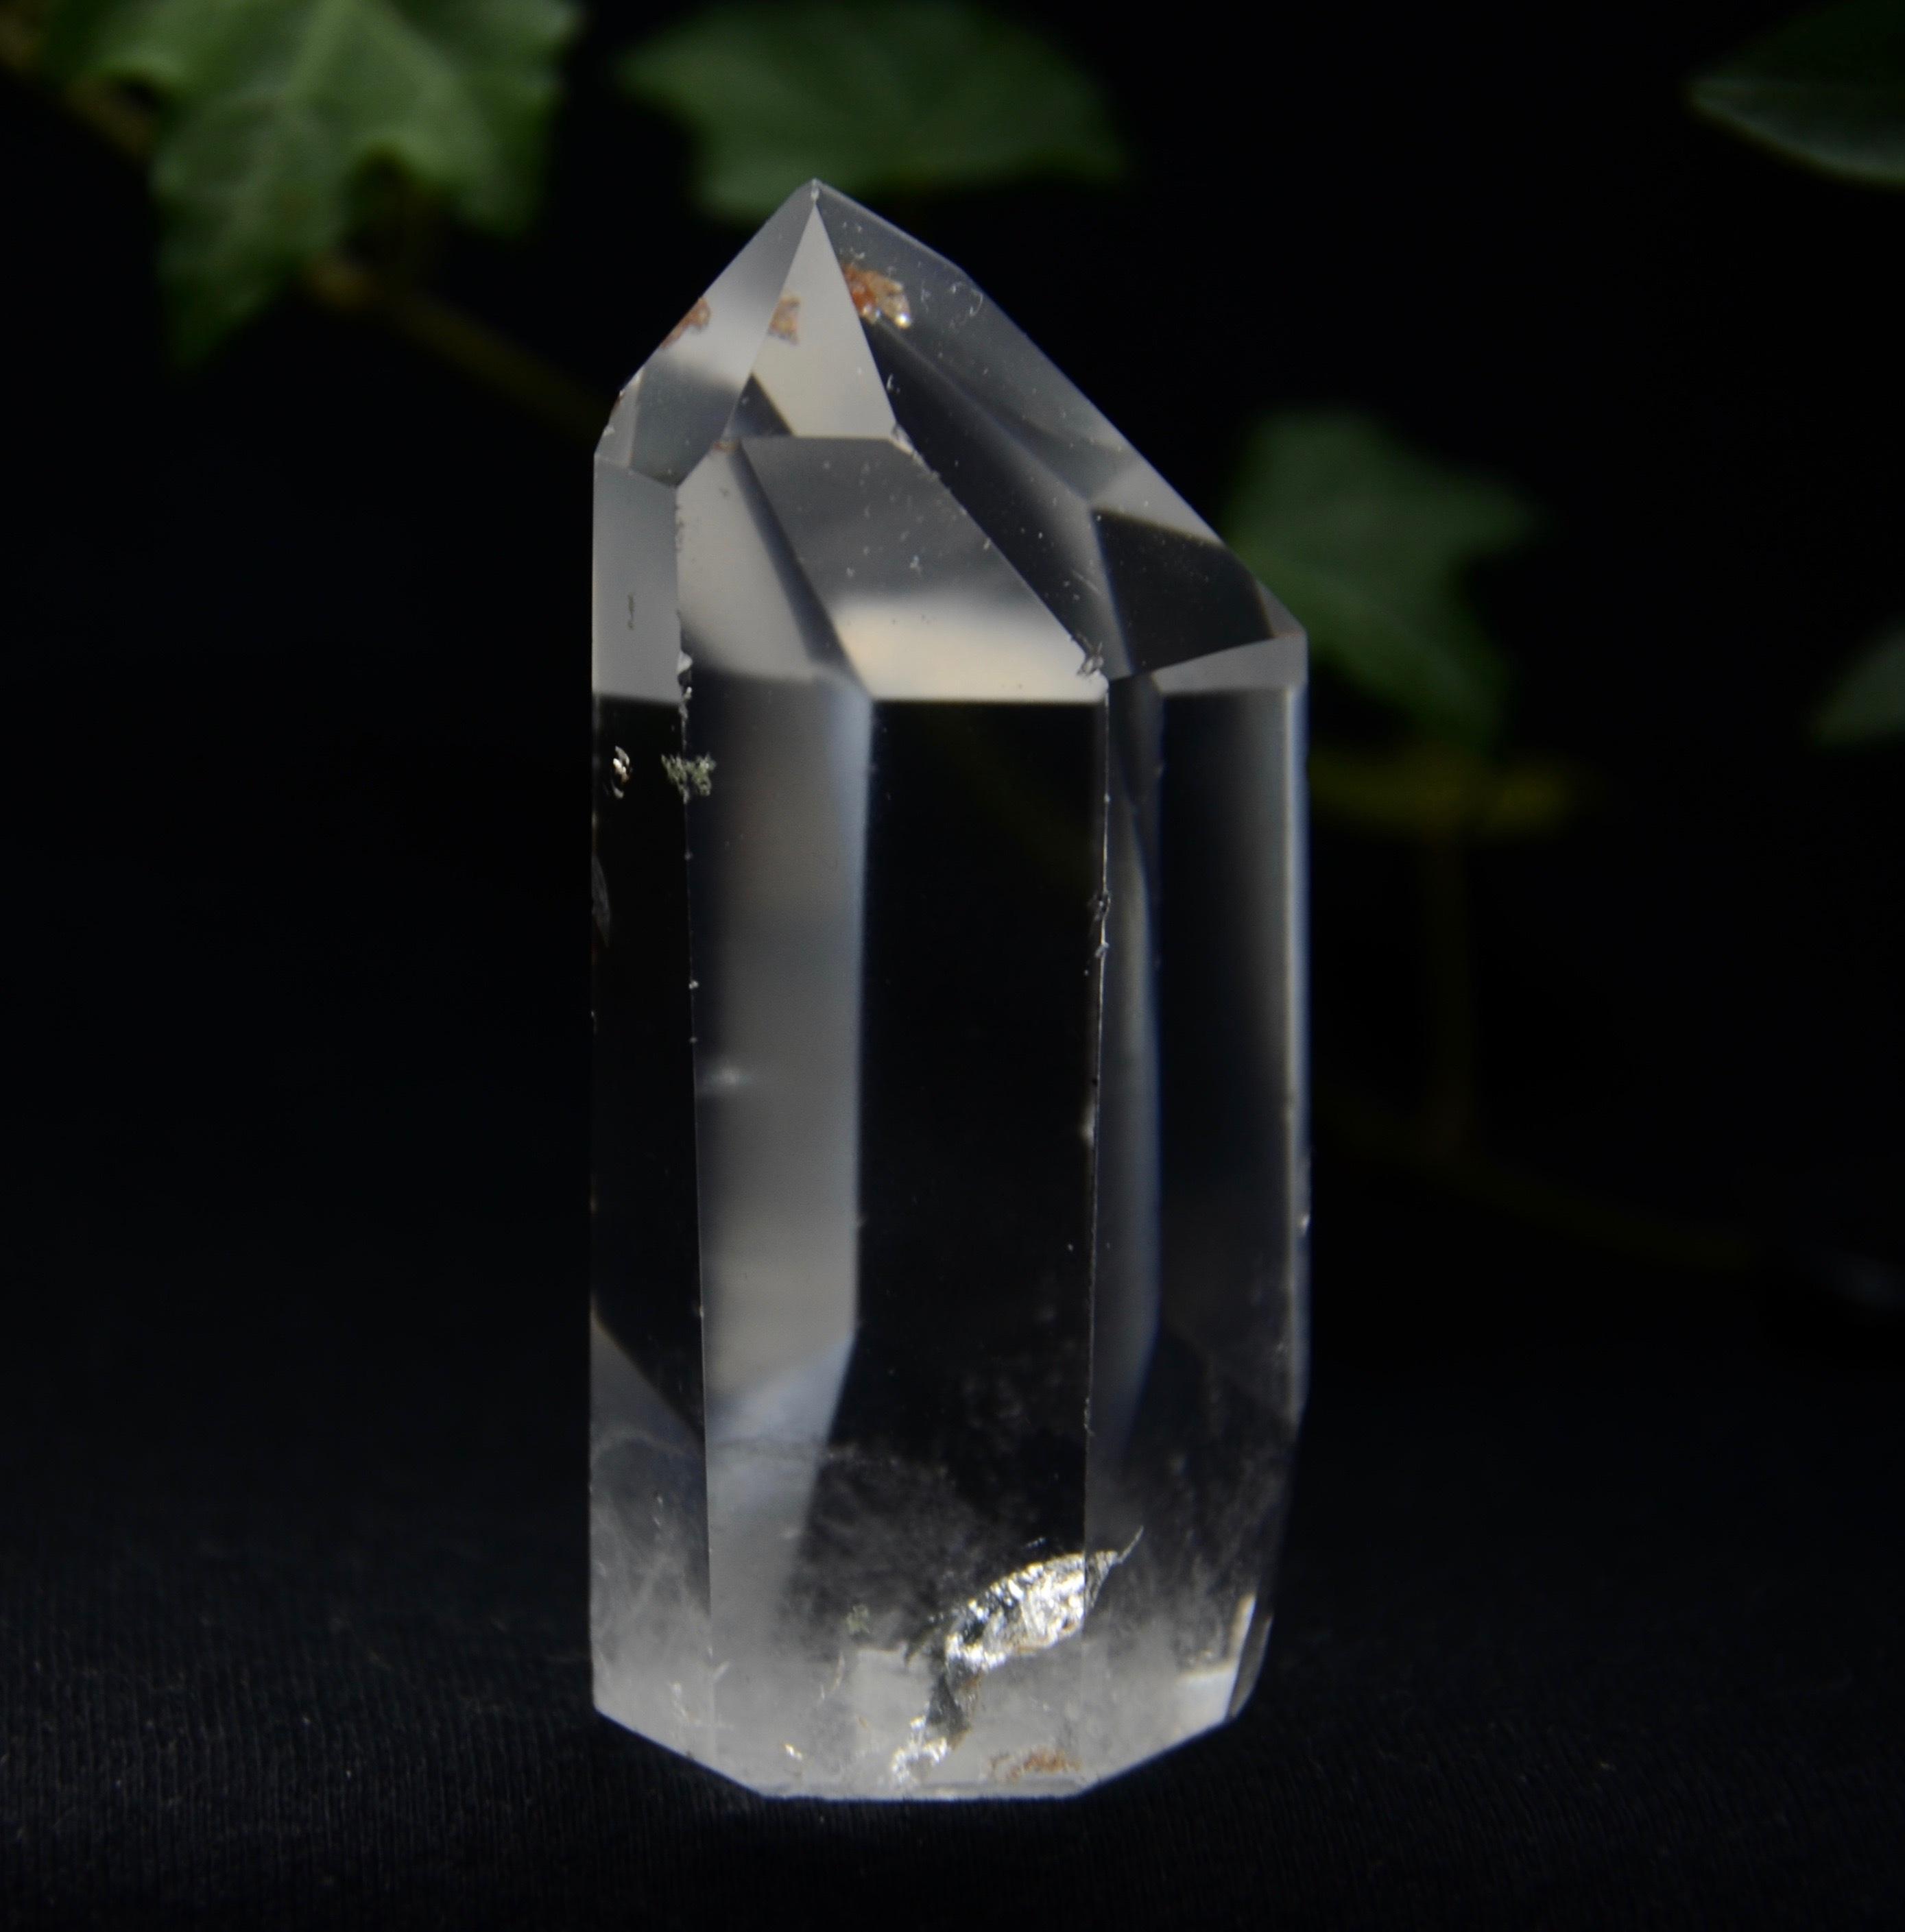 カーサクリスタルポイントミニミニ貫入水晶入り♪  97.5g a0080